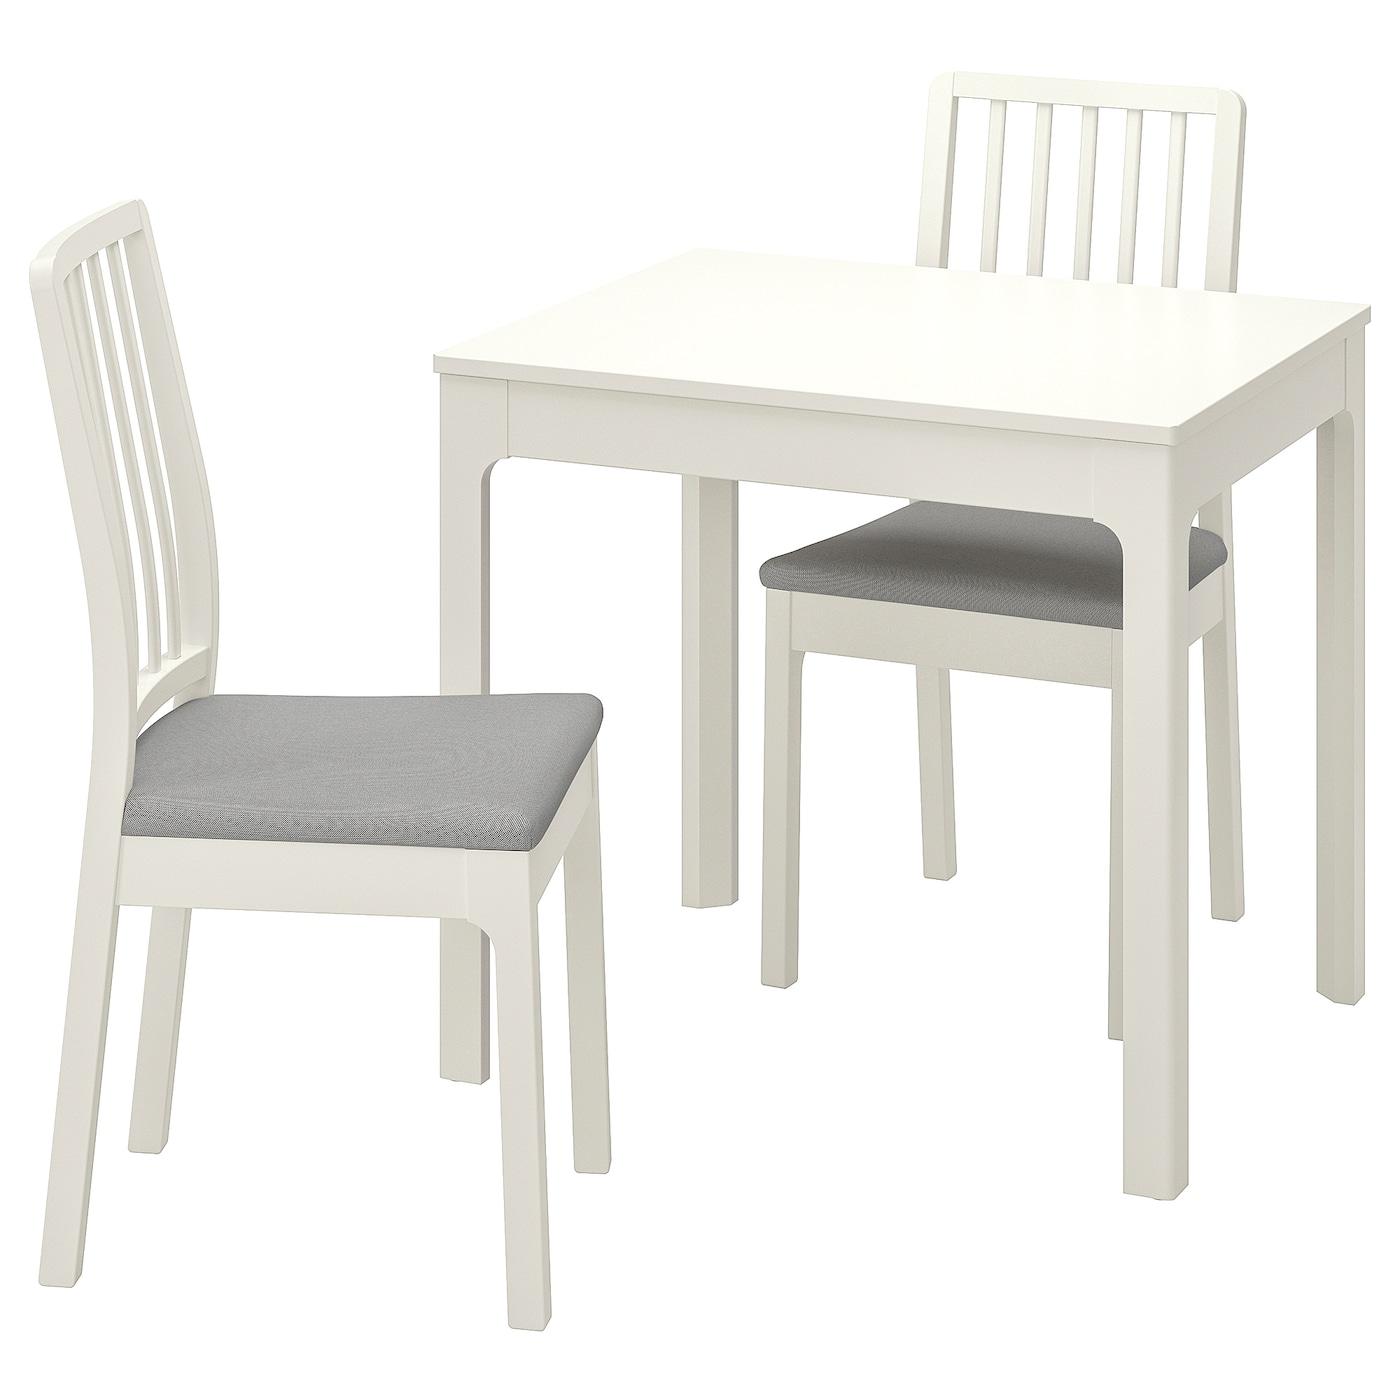 EKEDALEN EKEDALEN Pöytä + 6 tuolia, valkoinen, Orrsta